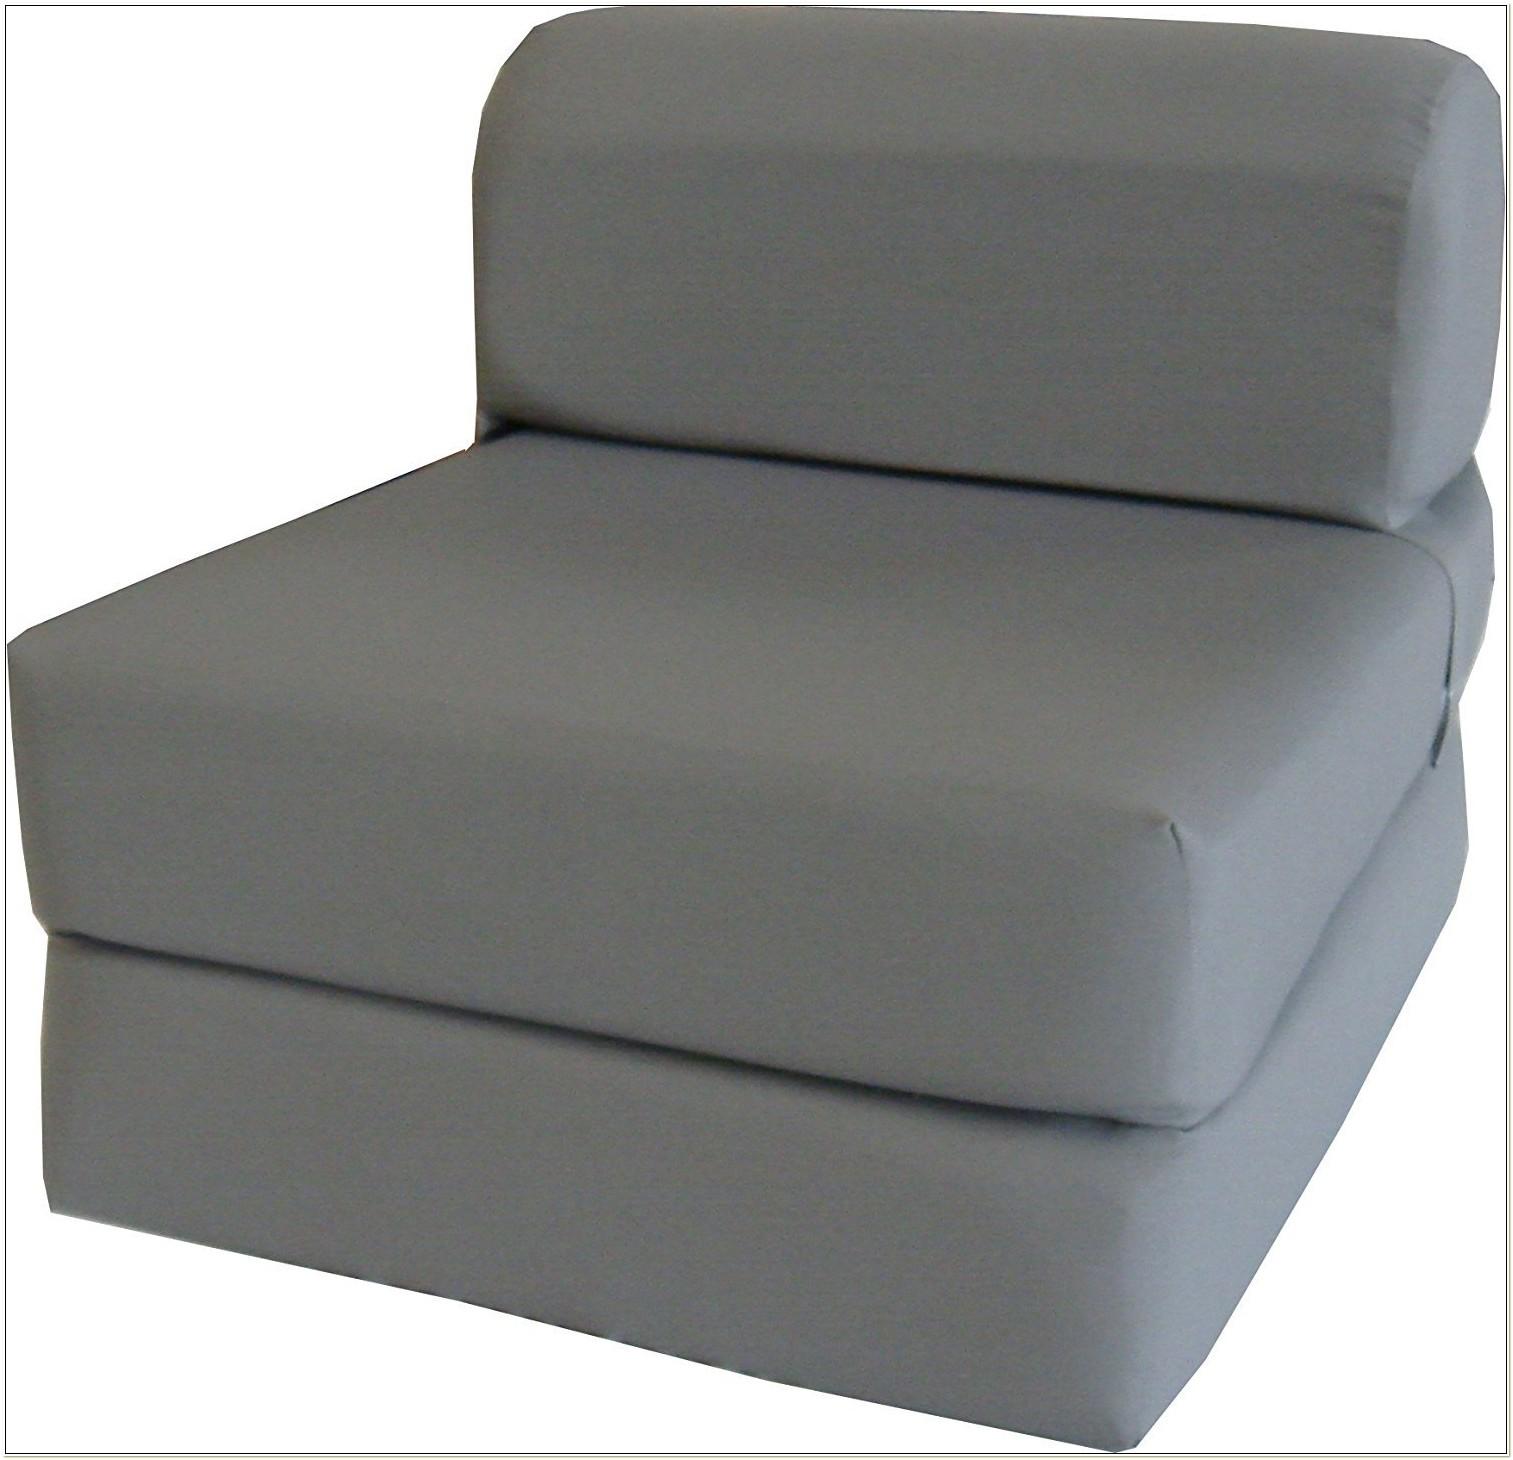 Chair Folding Foam Bed